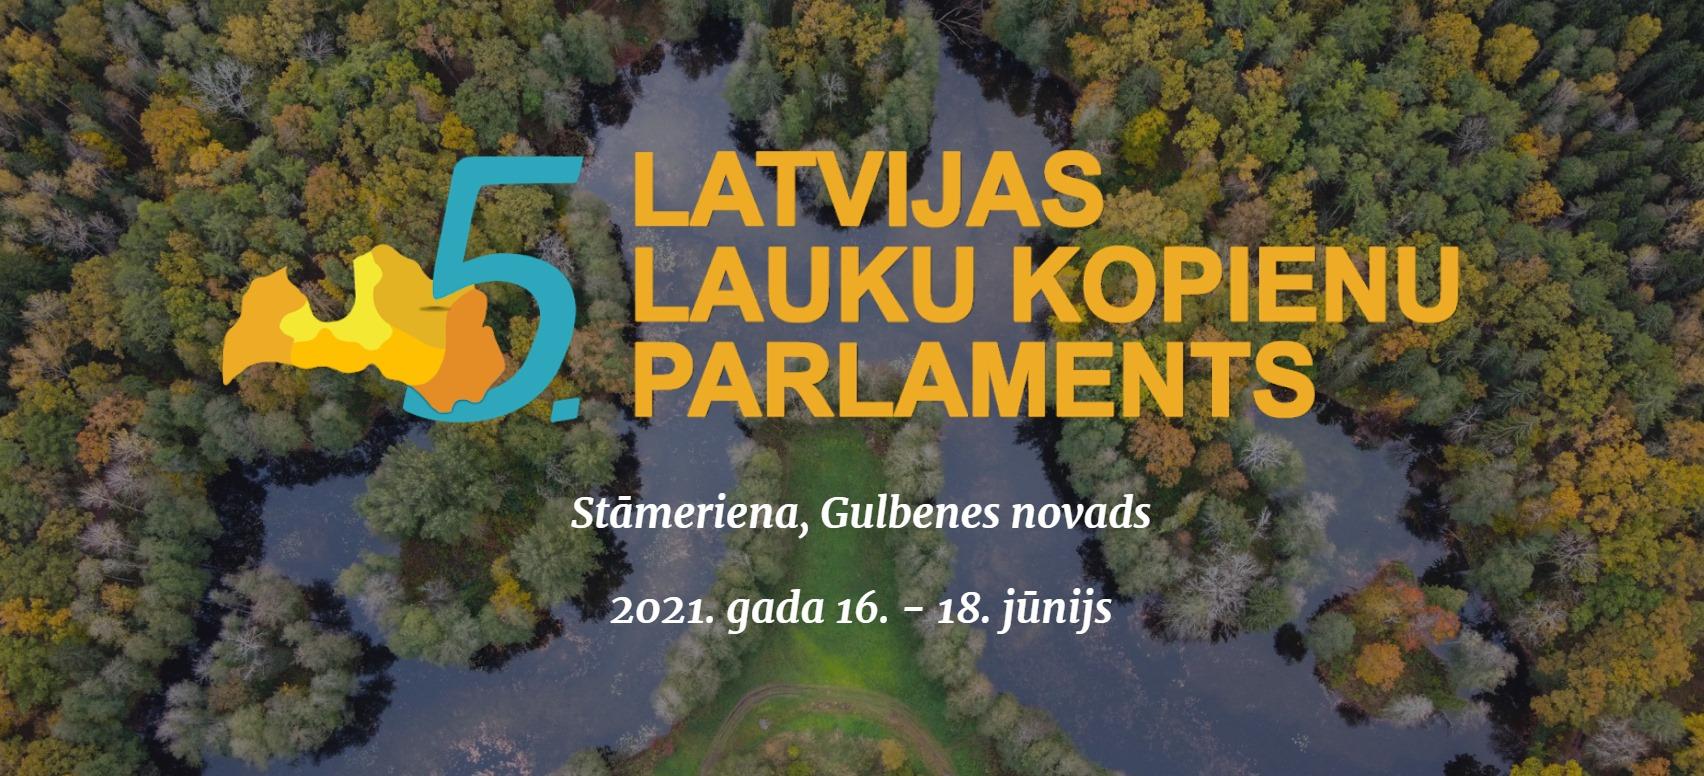 5-lauku_parlaments.jpg